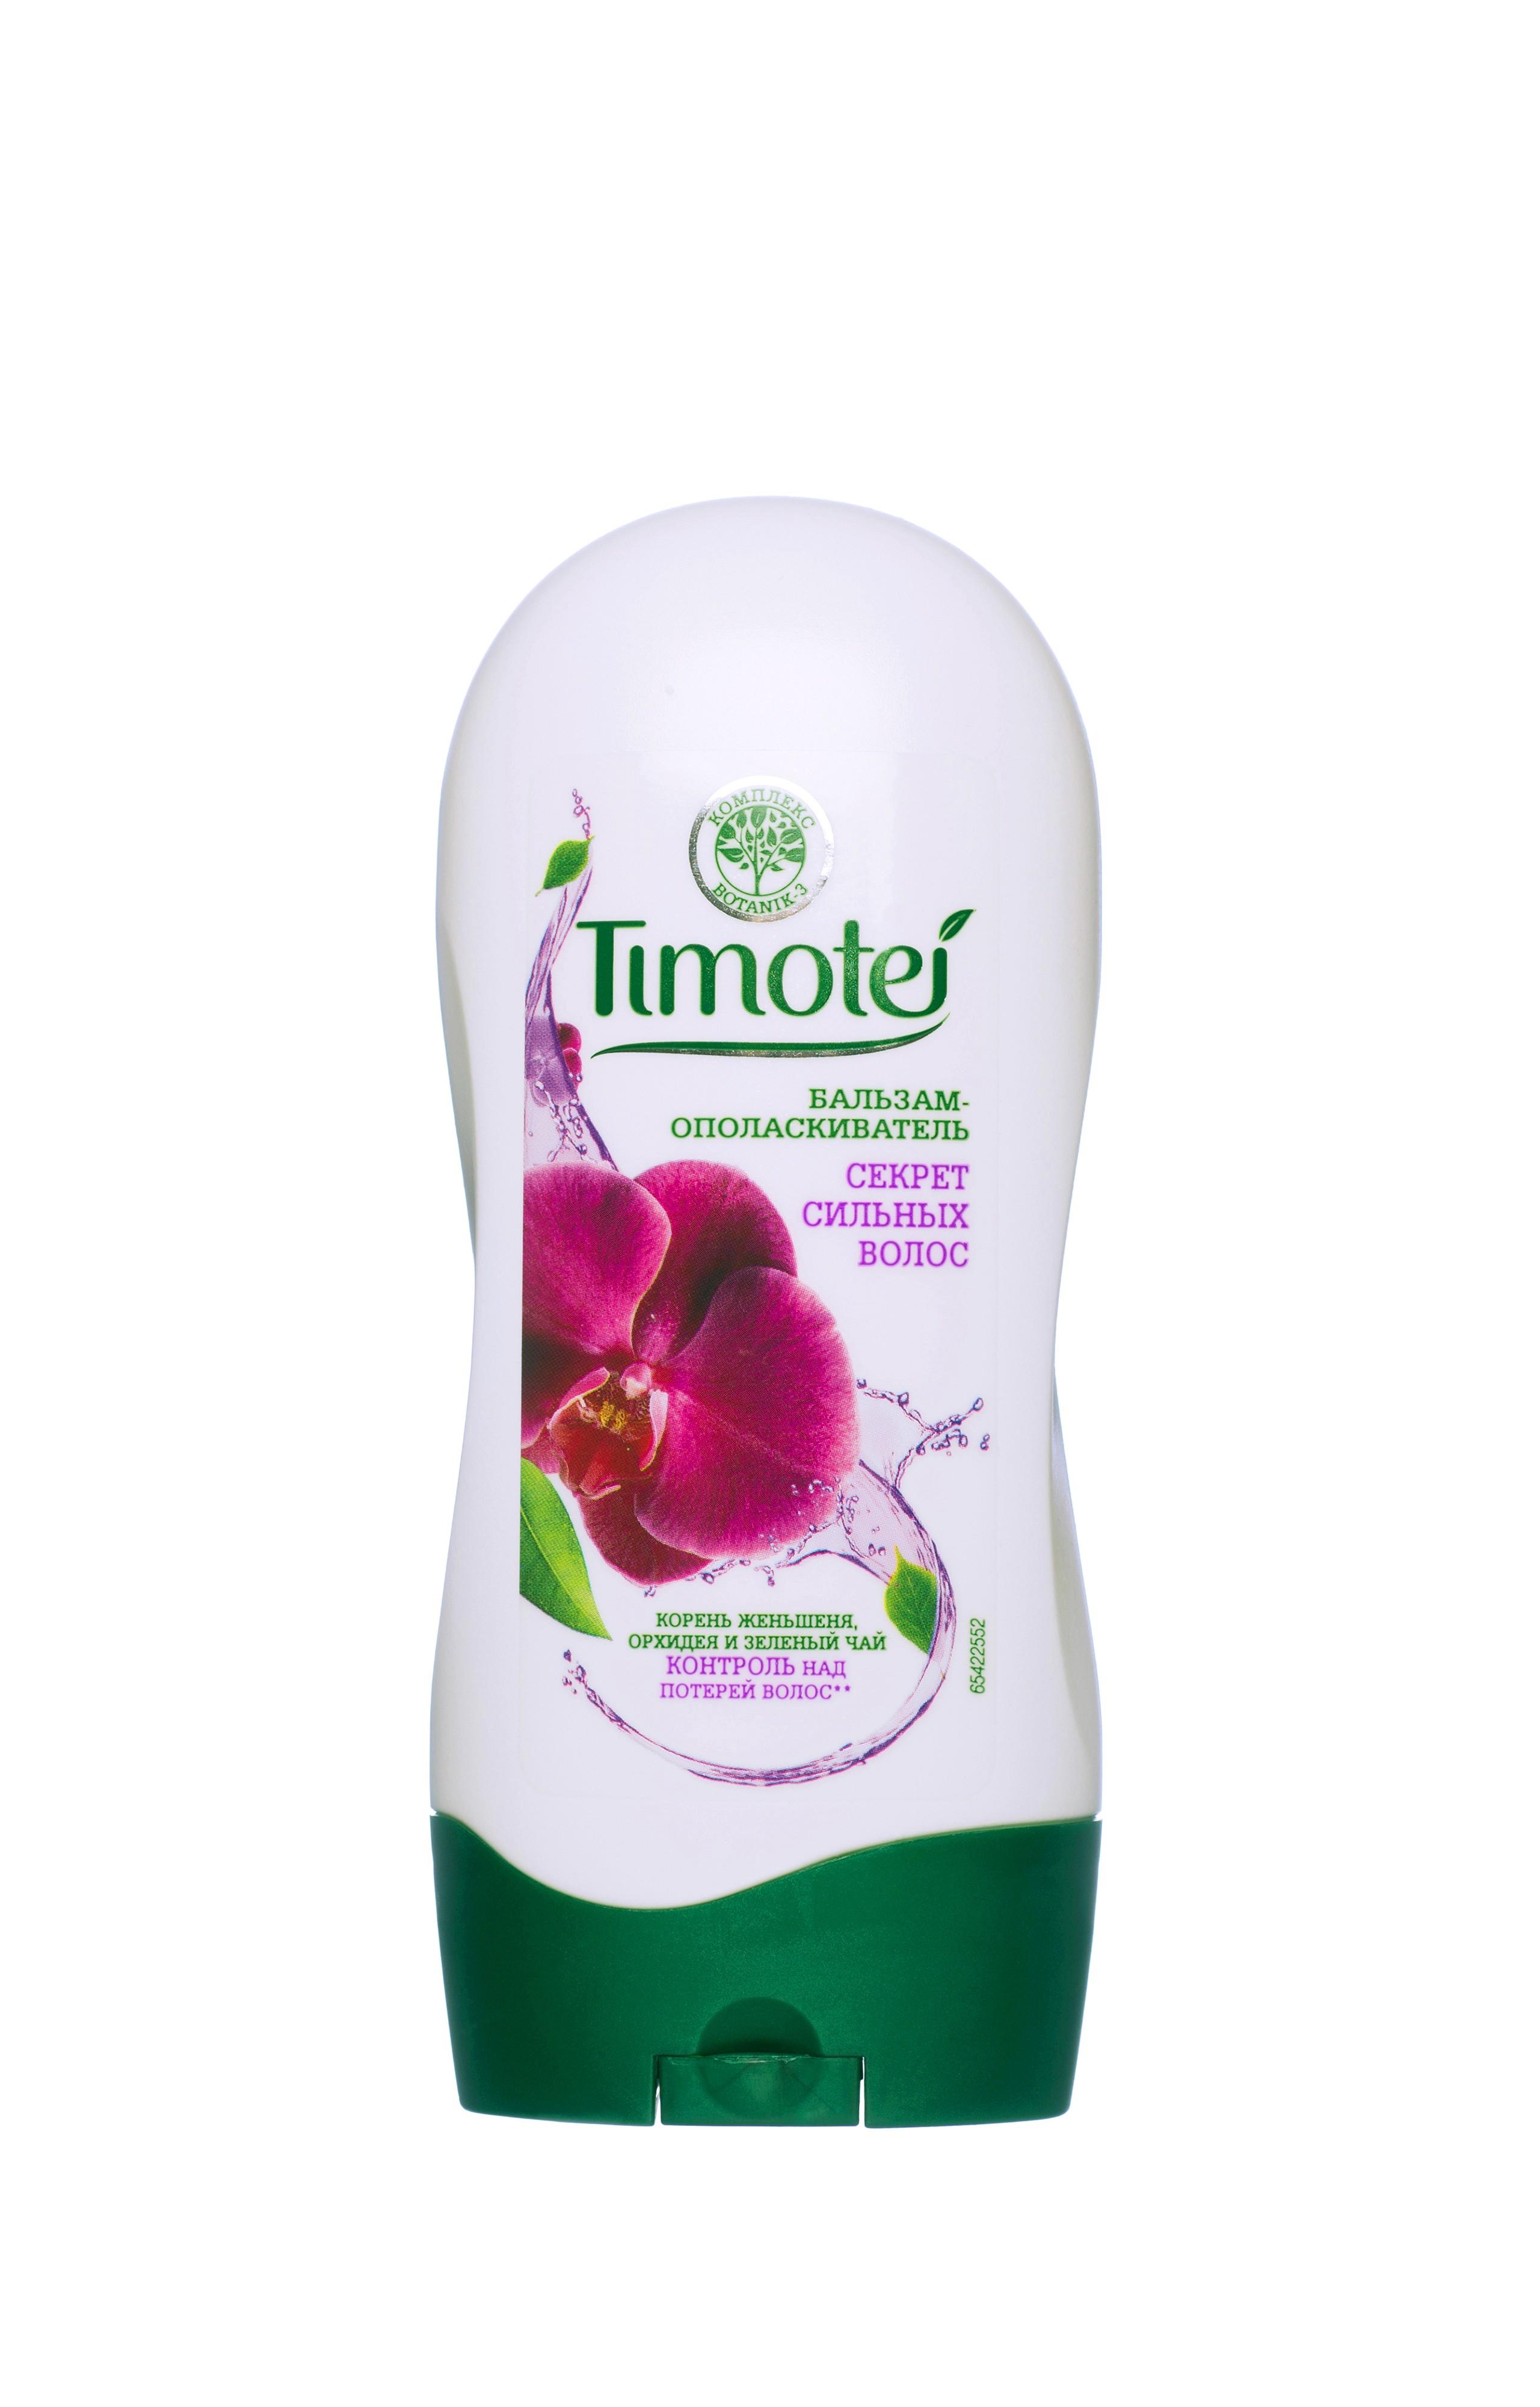 Timotei Бальзам-ополаскиватель для волос Секрет сильных волос 200 млFS-00897TIMOTEI Бальзам-ополаскиватель Секрет сильных волос 200мл Укрепляет Ваши волосы у корней. Придает легкость и силу /Вашим волосам.